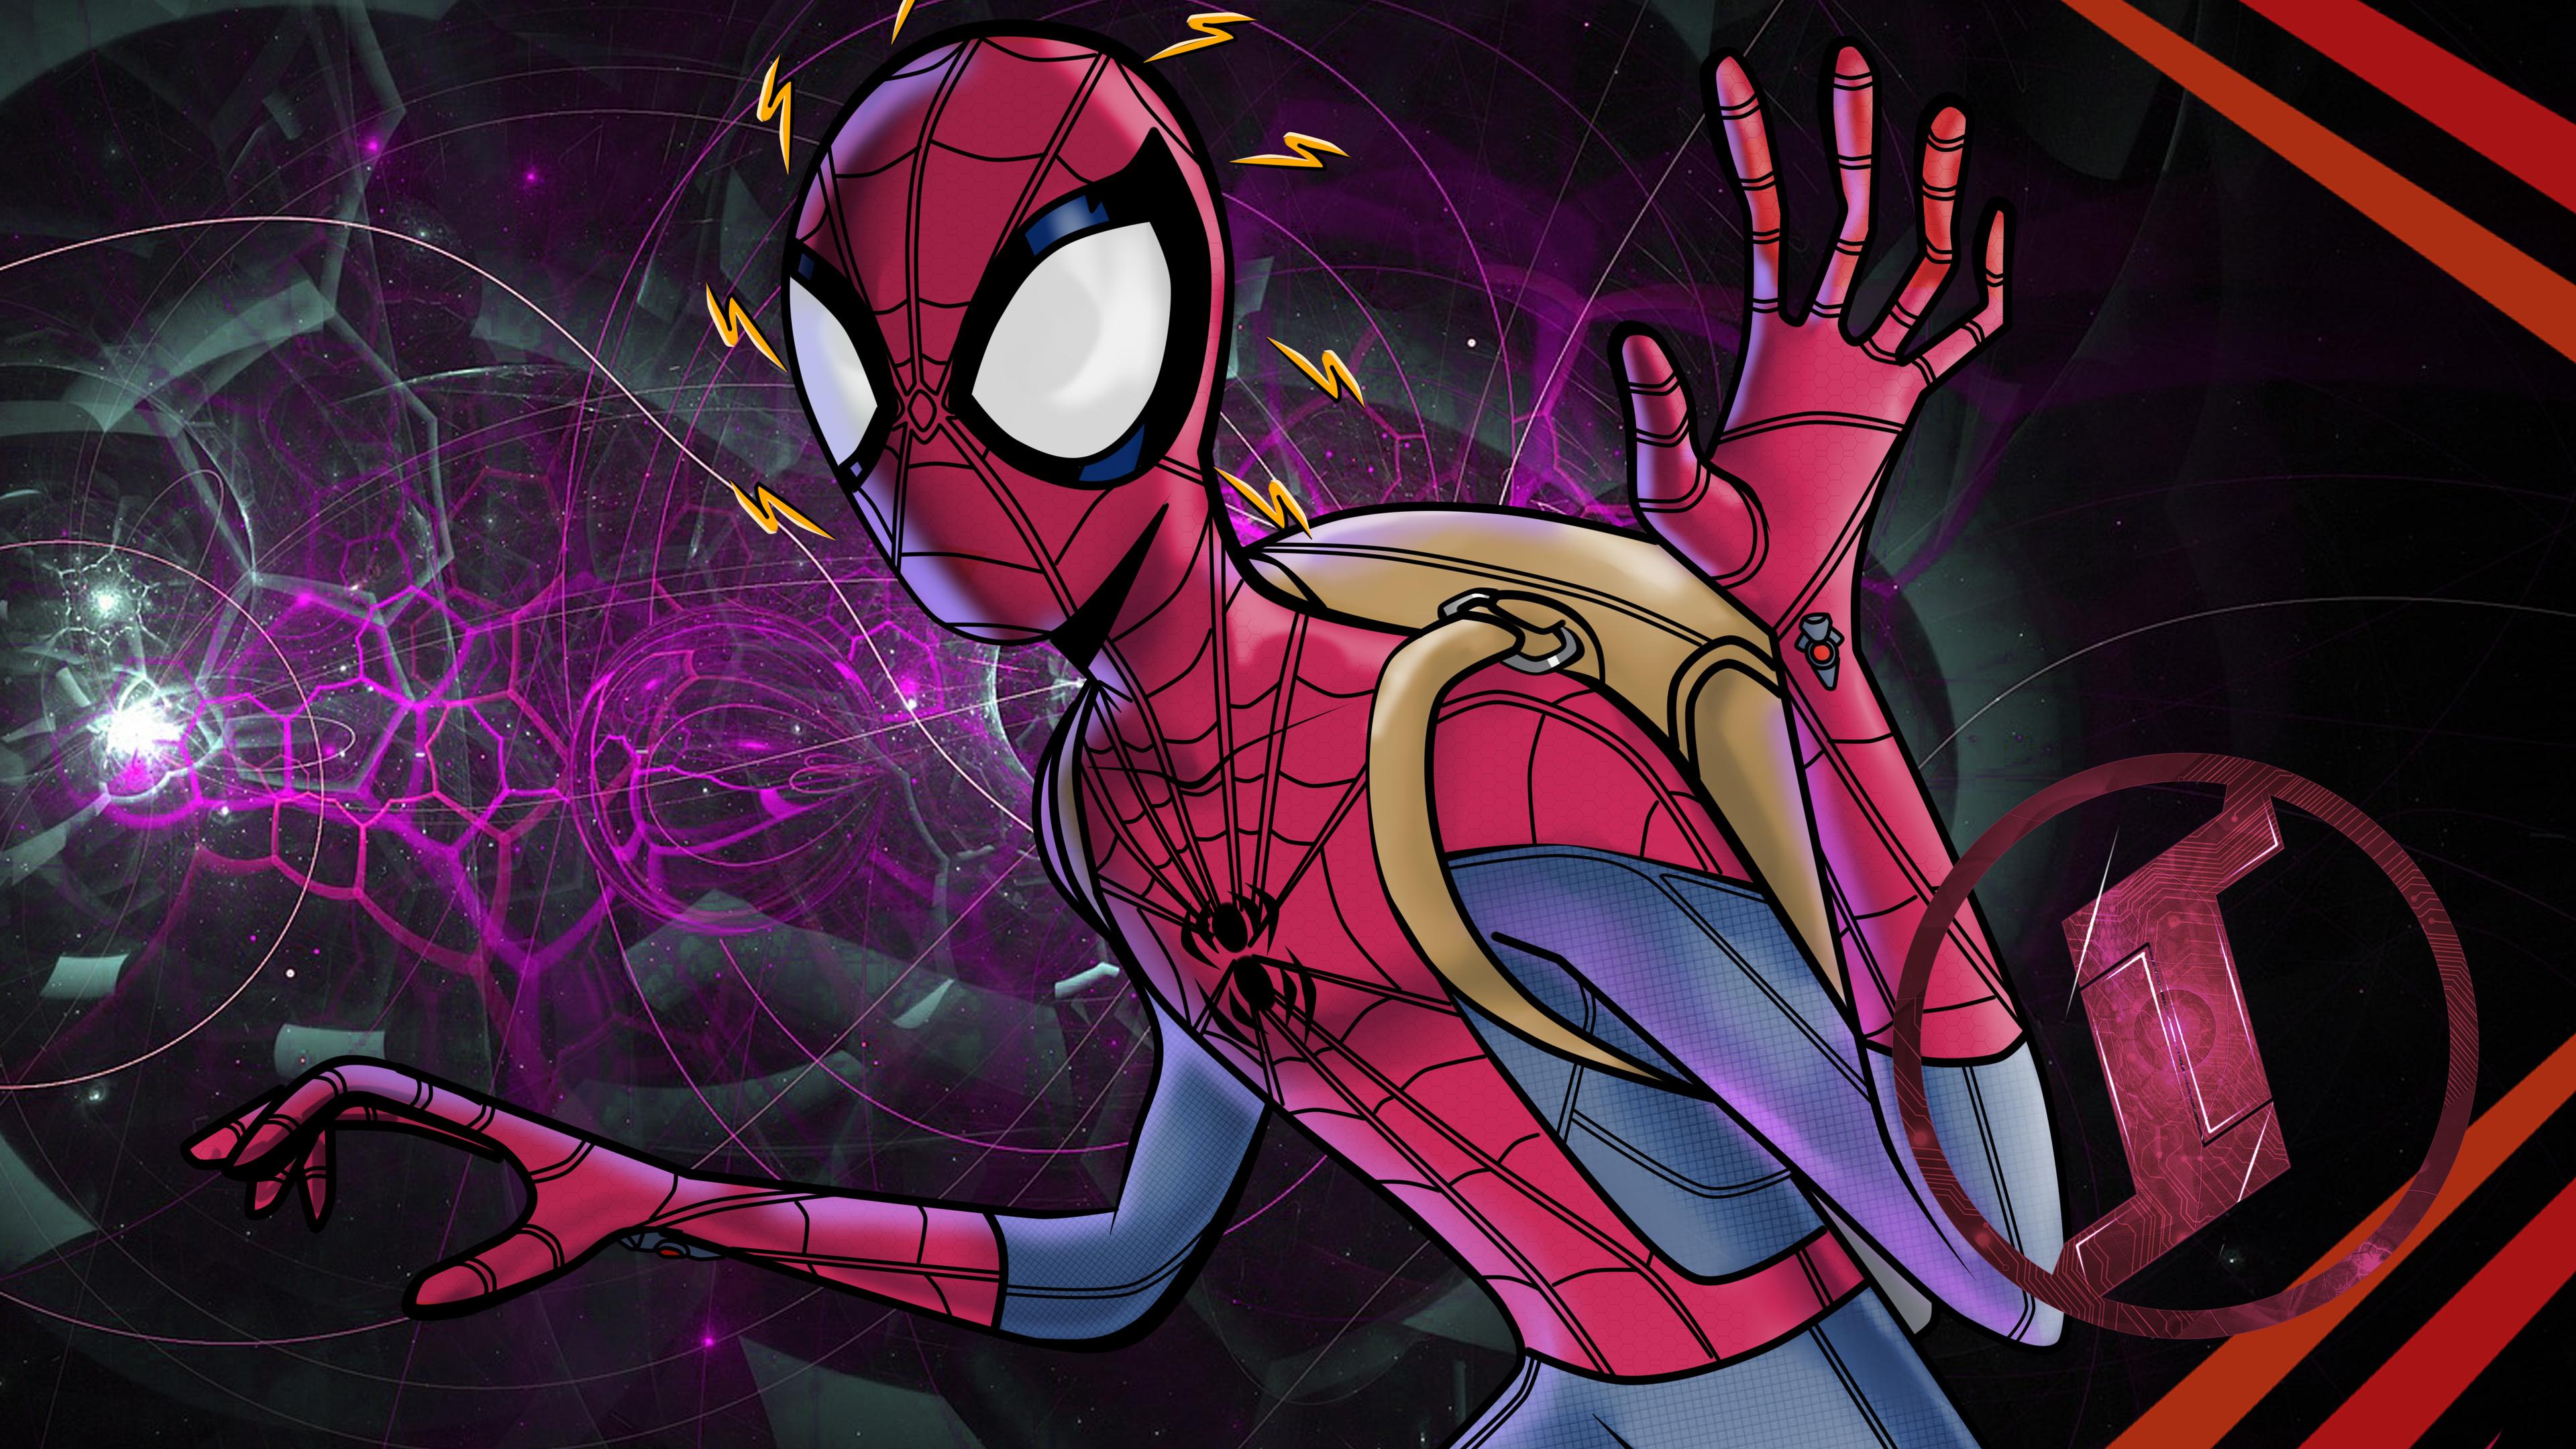 5k spiderman digital art 1536523106 - 5k Spiderman Digital Art - superheroes wallpapers, spiderman wallpapers, hd-wallpapers, digital art wallpapers, deviantart wallpapers, artwork wallpapers, artist wallpapers, 5k wallpapers, 4k-wallpapers